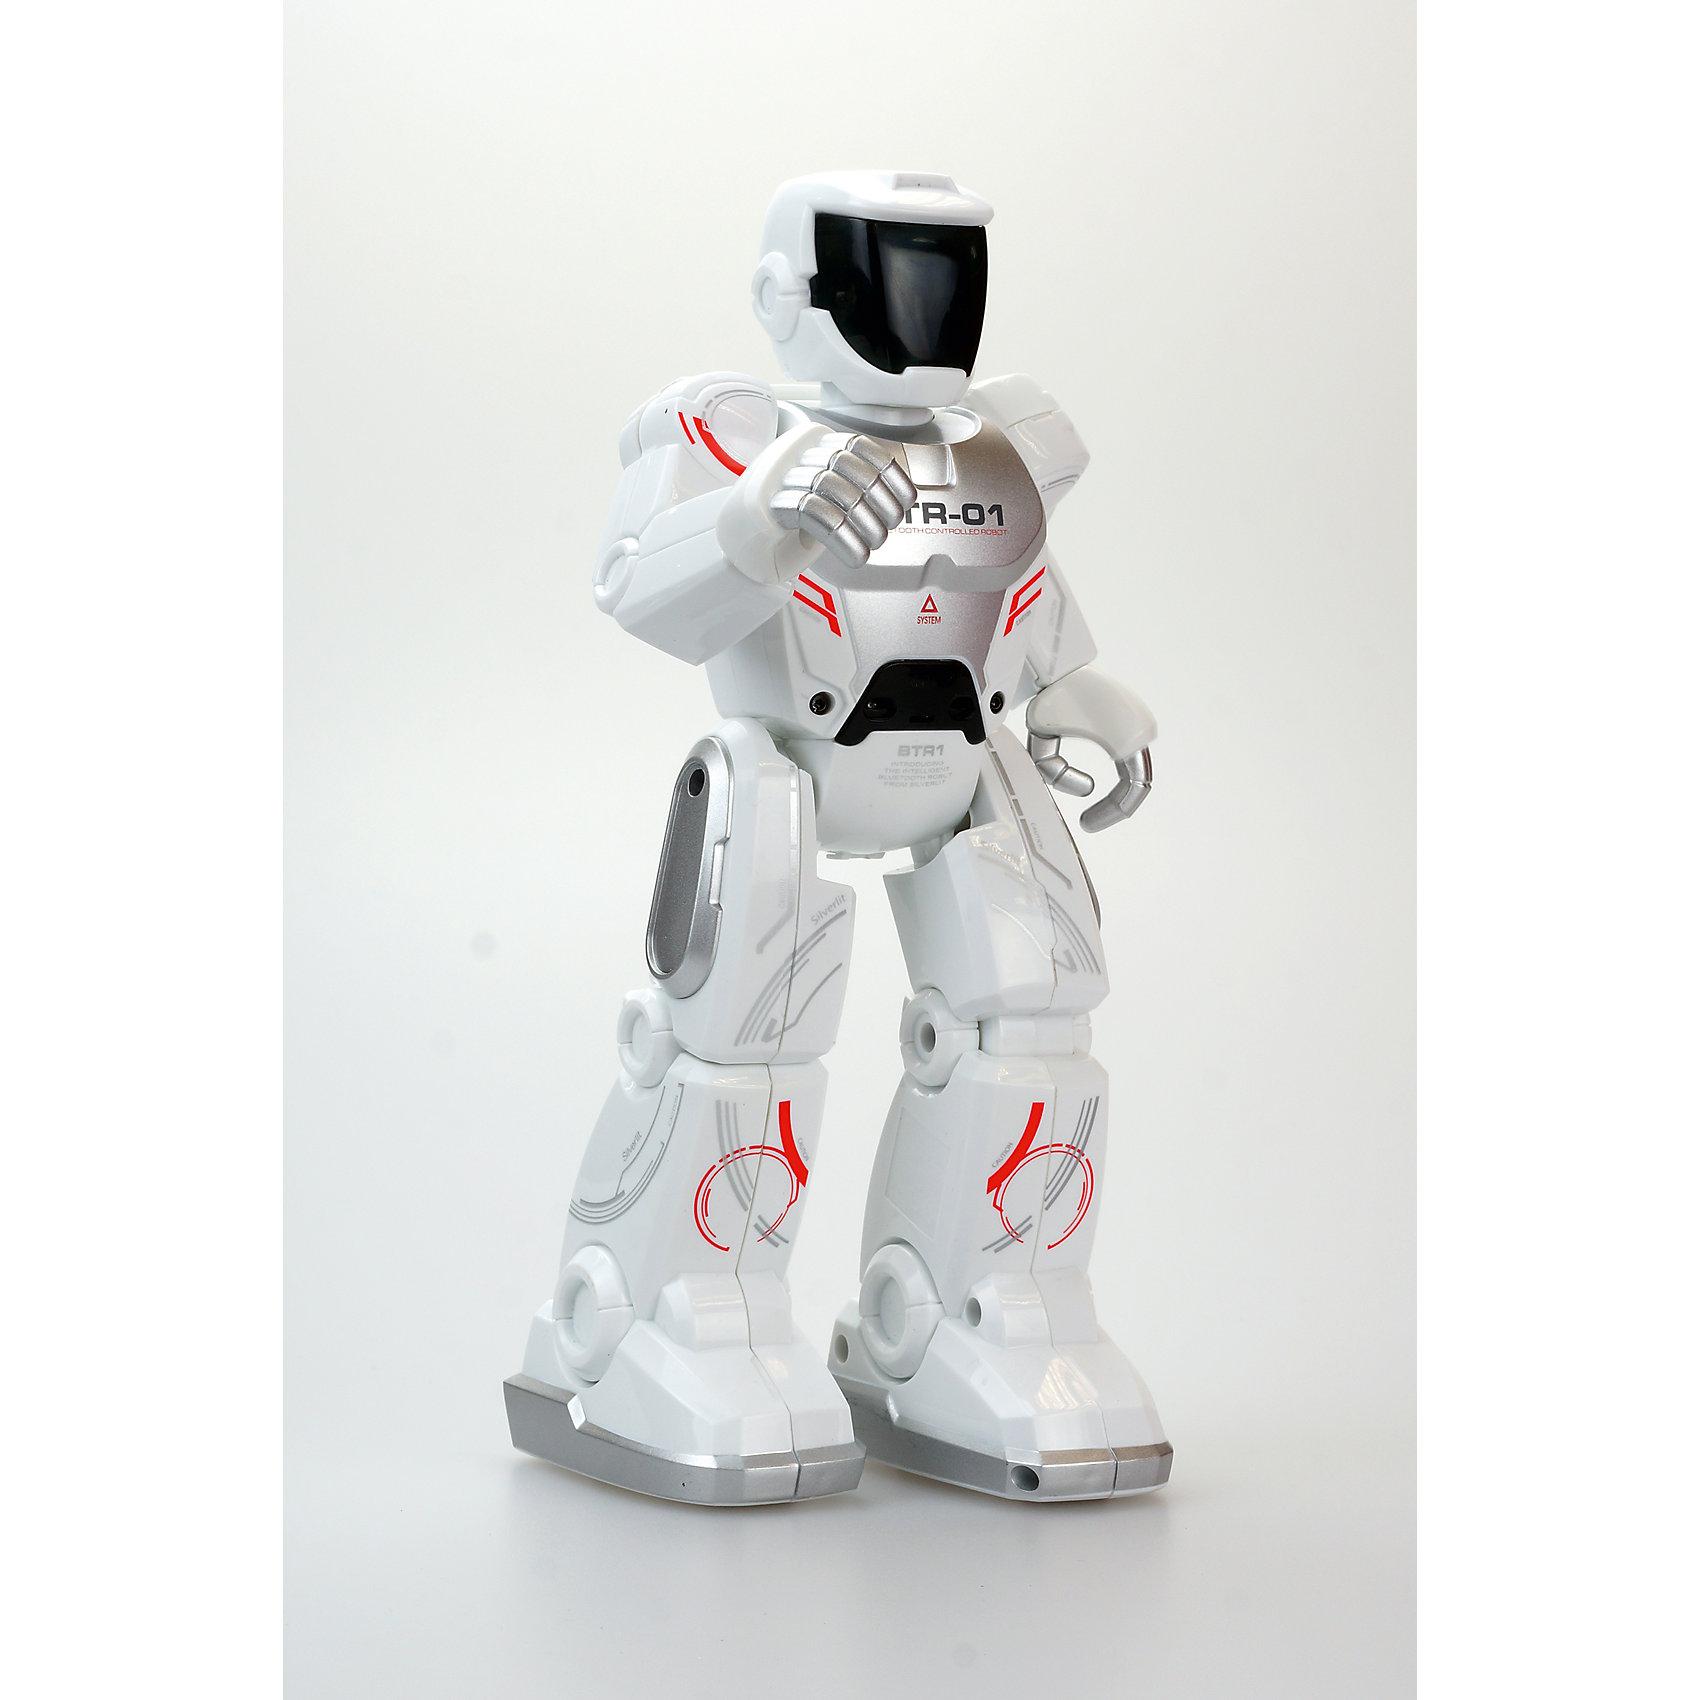 Программируемый робот Полицейский, SilverlitРоботы<br>Программируемый робот Полицейский, Silverlit - игрушка нового поколения, рассчитанная на управление с компьютера, смартфона или планшета. Робот управляется с помощью встроенного Bluetooth. С помощью встроенного инфракрасного датчика полицейский может взаимодействовать с другими роботами на расстоянии до 8 метров и распознавать препятствия на своем пути. Если у вас нет планшета или смартфона, игрушка может двигаться без них, выполняя запрограммированные движения - это очень удобно, если с роботом играют маленькие дети. Робот имеет функцию «Шпион», благодаря которой будет проходить запись разговоров.<br><br>Дополнительная информация:<br><br>- Комплектация: робот, аккумулятор, USB провод для зарядки. <br>- Материал: пластик, металл.<br>- Размер: 24 см.<br>- Элемент питания: аккумулятор (в комплекте).<br>- Время зарядки аккумулятора: 1 час.<br>- Время непрерывной работы (при полной зарядке аккумулятора): 30 мин.<br>- Управление: планшет, компьютер, смартфон (IOS , Android).<br>- Голова, руки, пальцы, ноги подвижные.<br>- ИК датчик для распознавания препятствий и других роботов.<br>- Функция Шпион.<br><br>Программируемого робота Полицейский, Silverlit (Сильверлит) можно купить в нашем магазине.<br><br>Ширина мм: 210<br>Глубина мм: 90<br>Высота мм: 300<br>Вес г: 700<br>Возраст от месяцев: 36<br>Возраст до месяцев: 84<br>Пол: Мужской<br>Возраст: Детский<br>SKU: 4109263